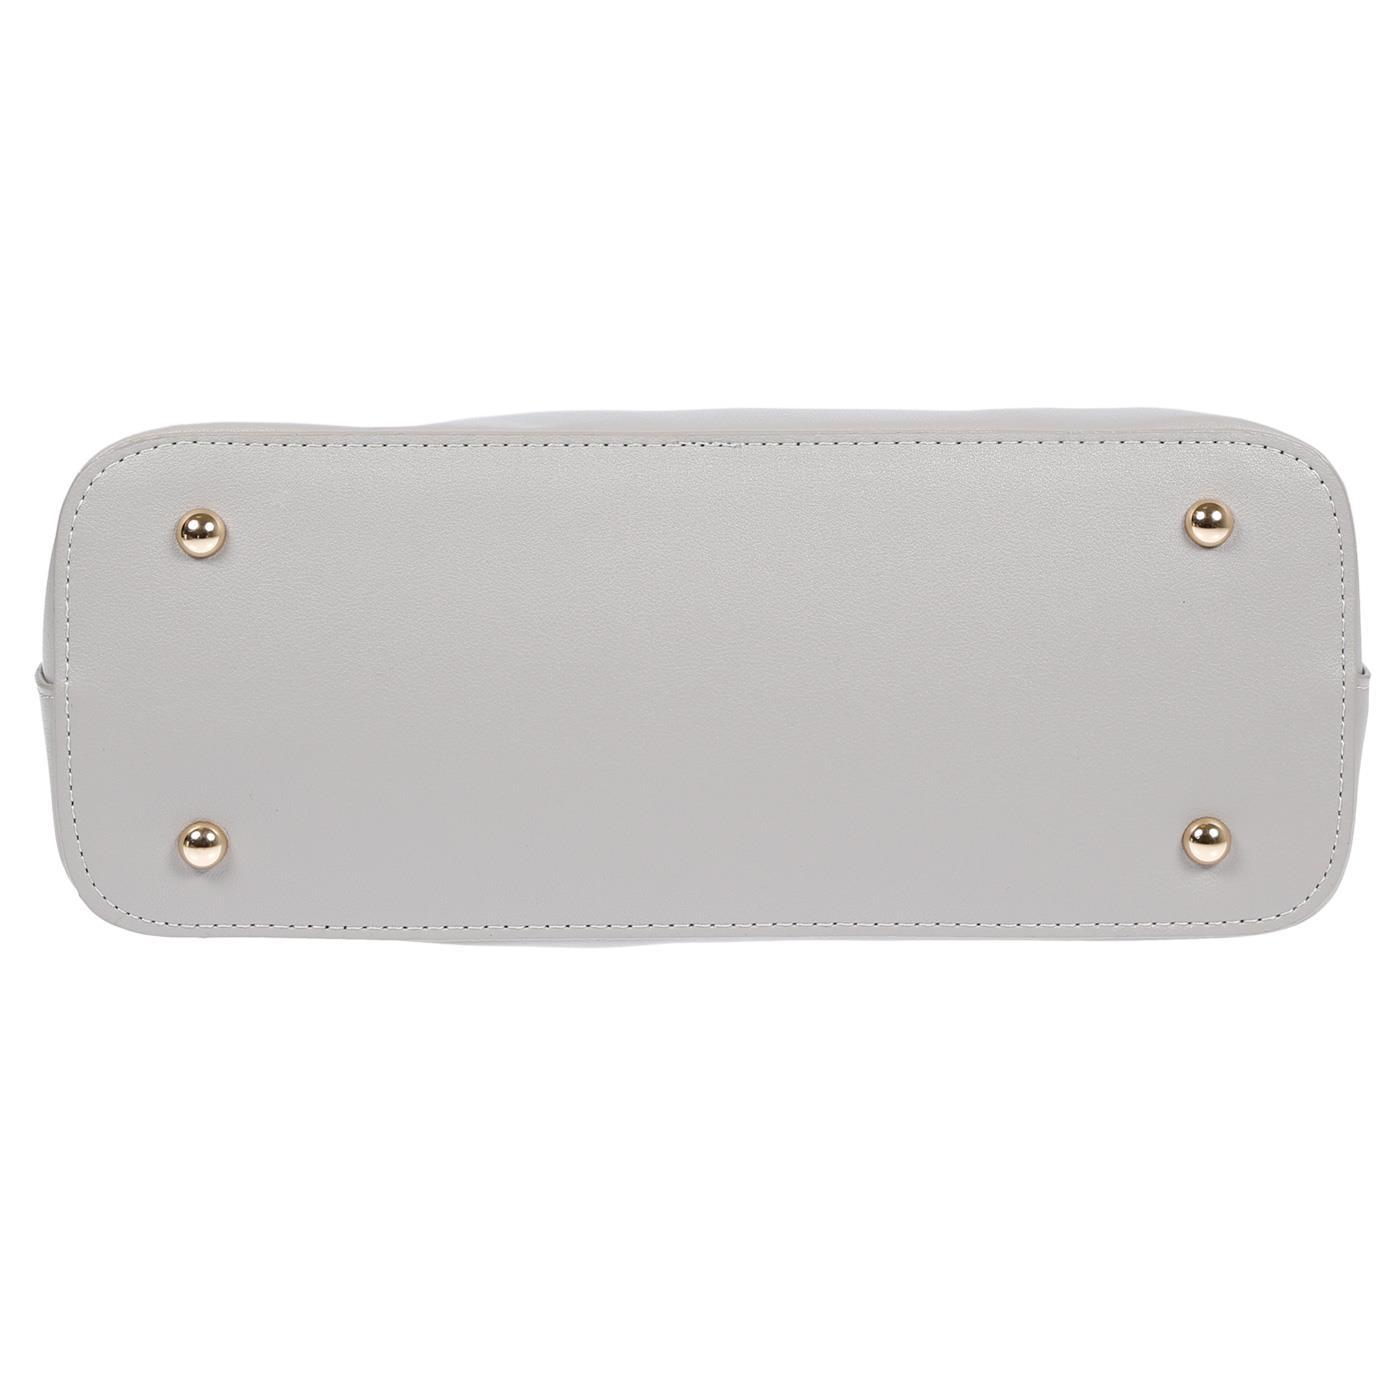 Kossberg-Damen-Tasche-Henkeltasche-Schultertasche-Umhaengetasche-Leder-Optik-Bag Indexbild 52